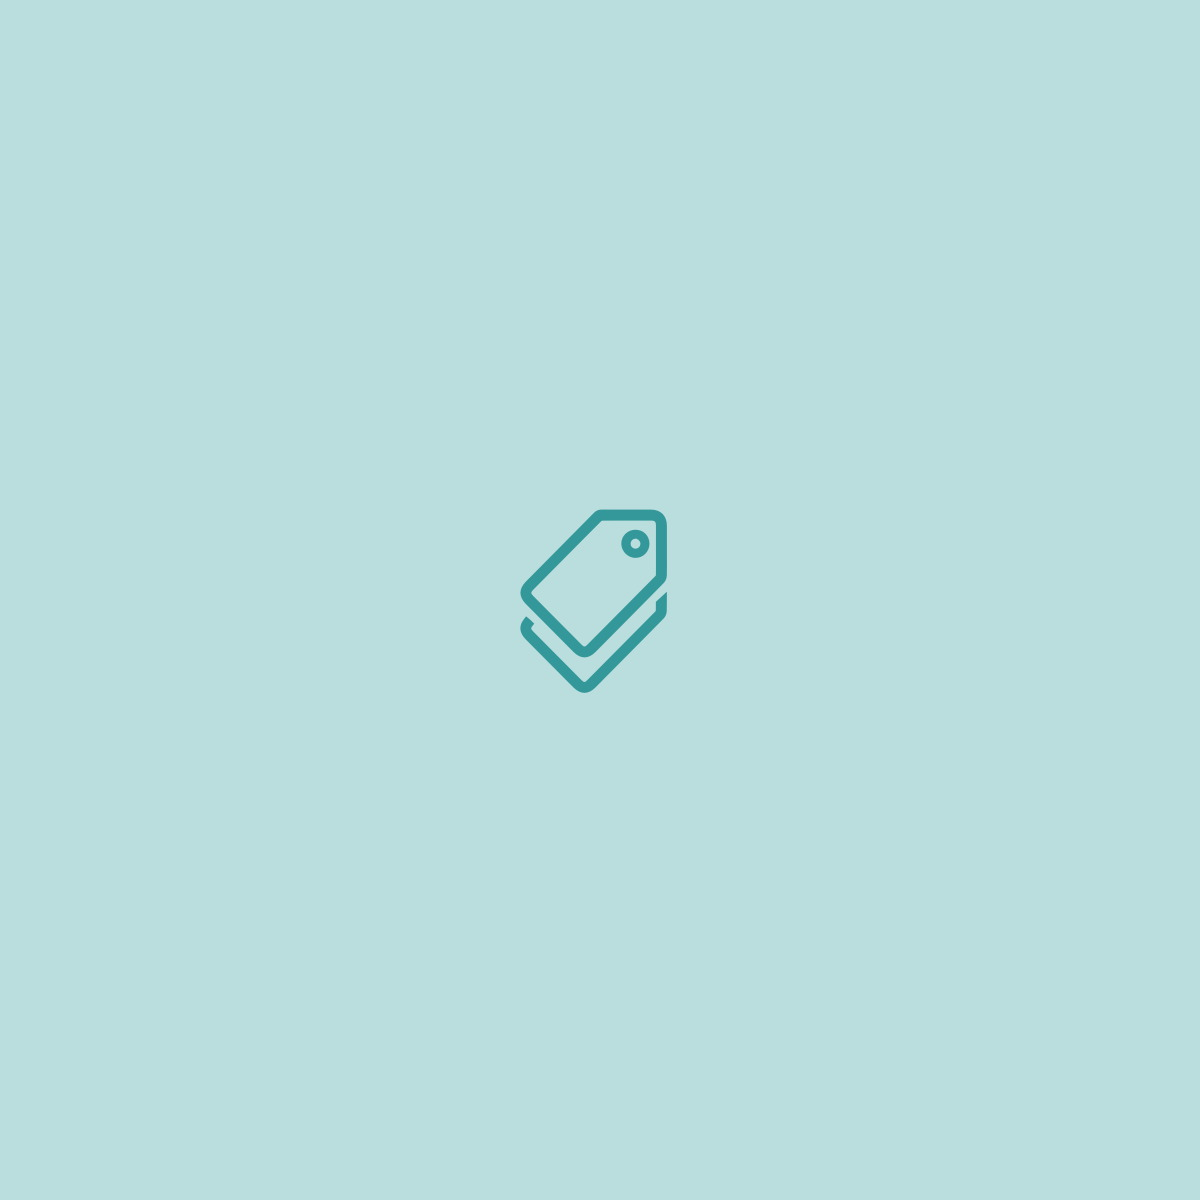 Papel De Parede Adesivo Pedra Filetes 1 00×0 50m Pr 22 No Elo7  -> Parede Da Sala Com Filetes